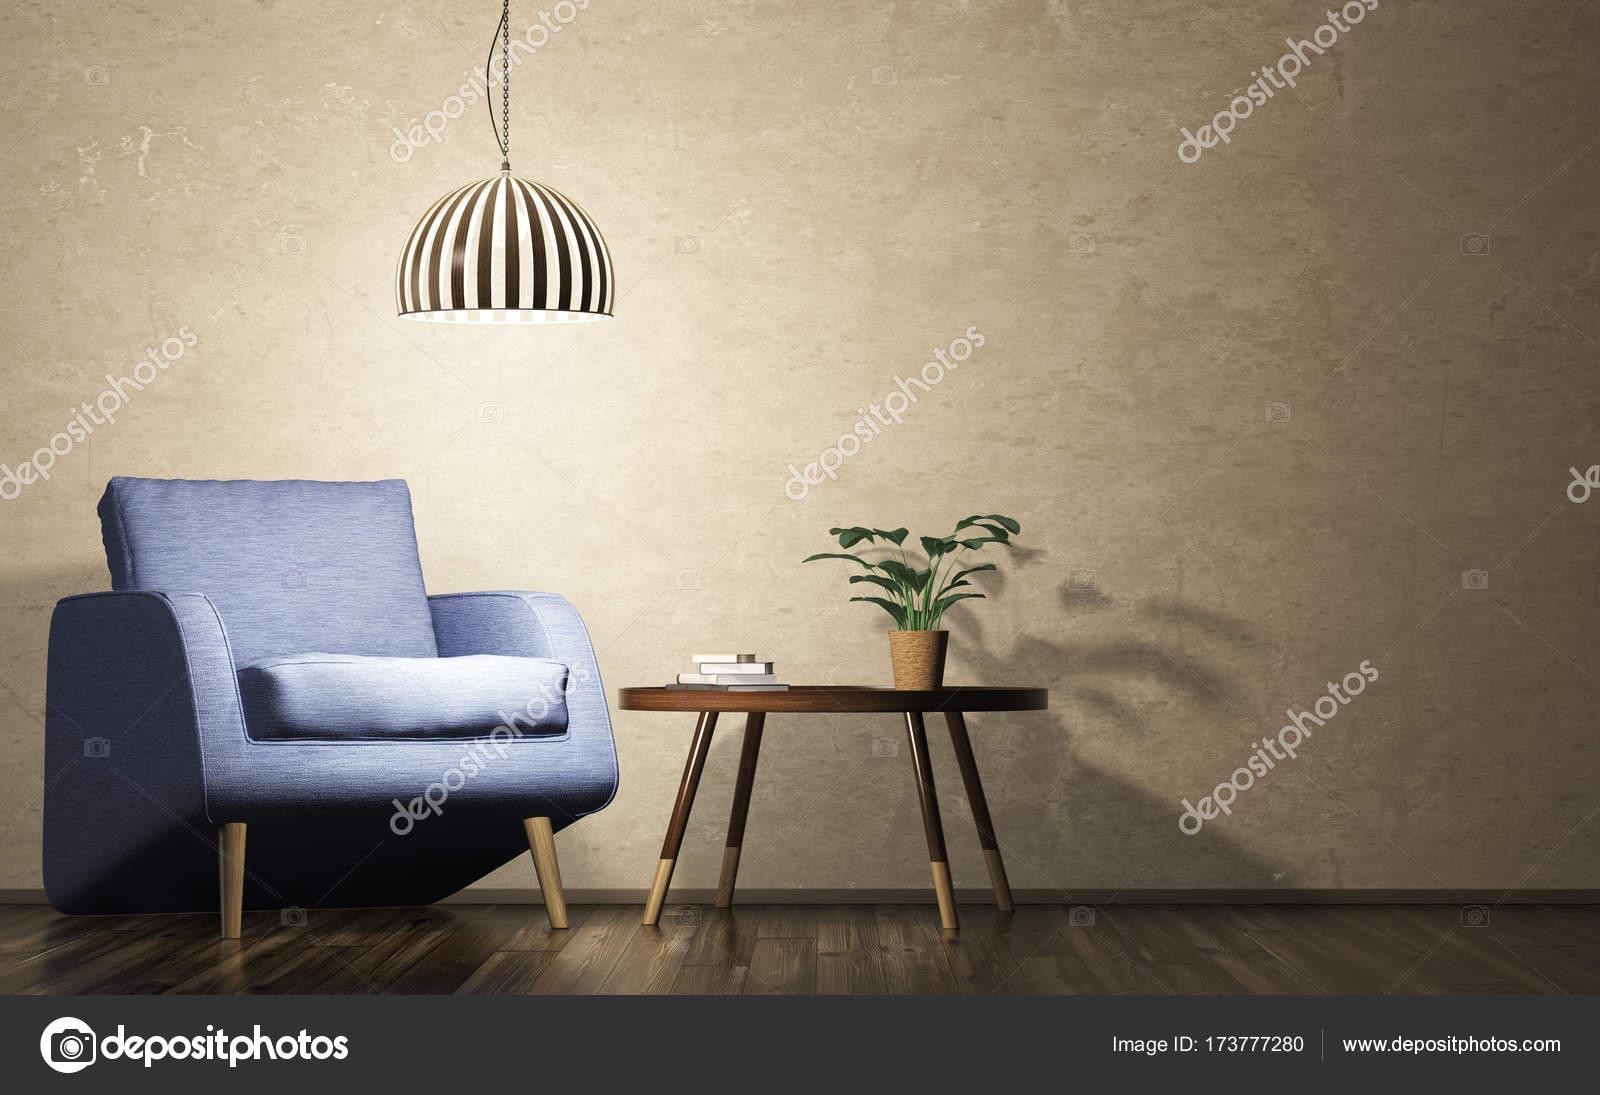 Moderne Wohnzimmer Abends Interieur Mit Blauen Lampe, Sessel Und Couchtisch  3D Rendering U2014 Foto Von Scovad